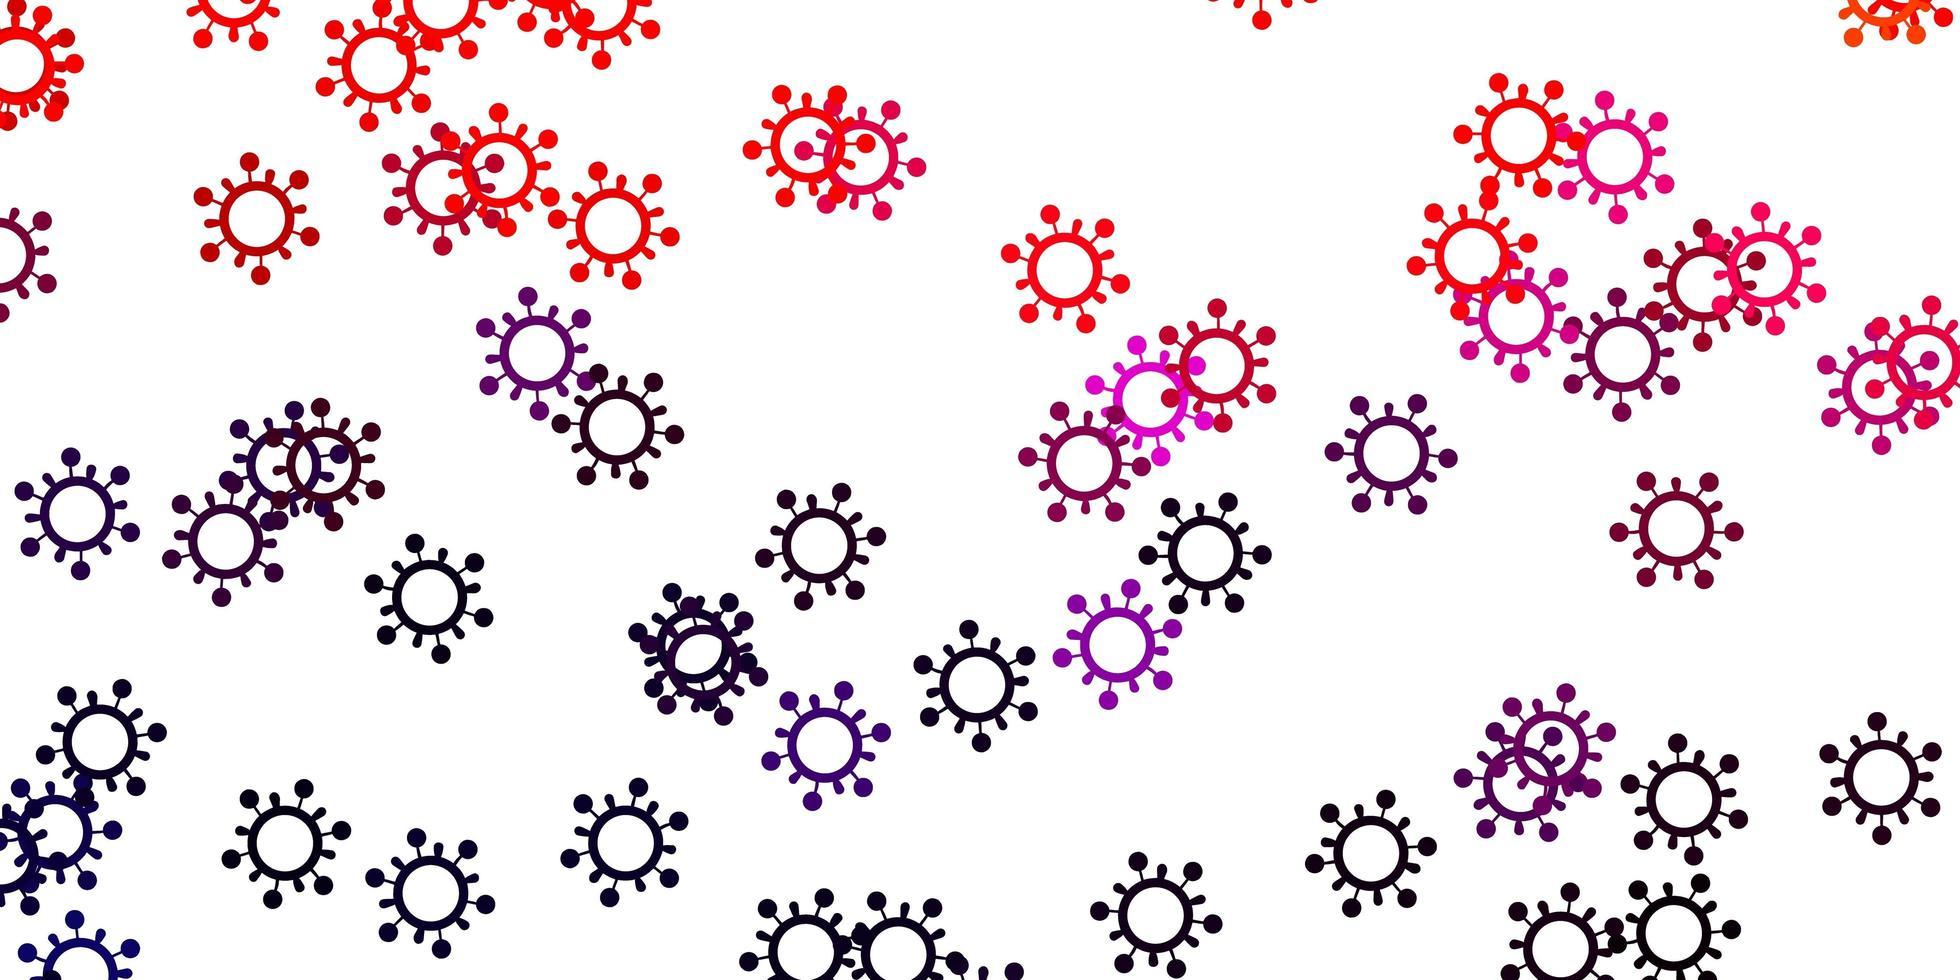 pano de fundo rosa claro, vermelho vector com símbolos de vírus.